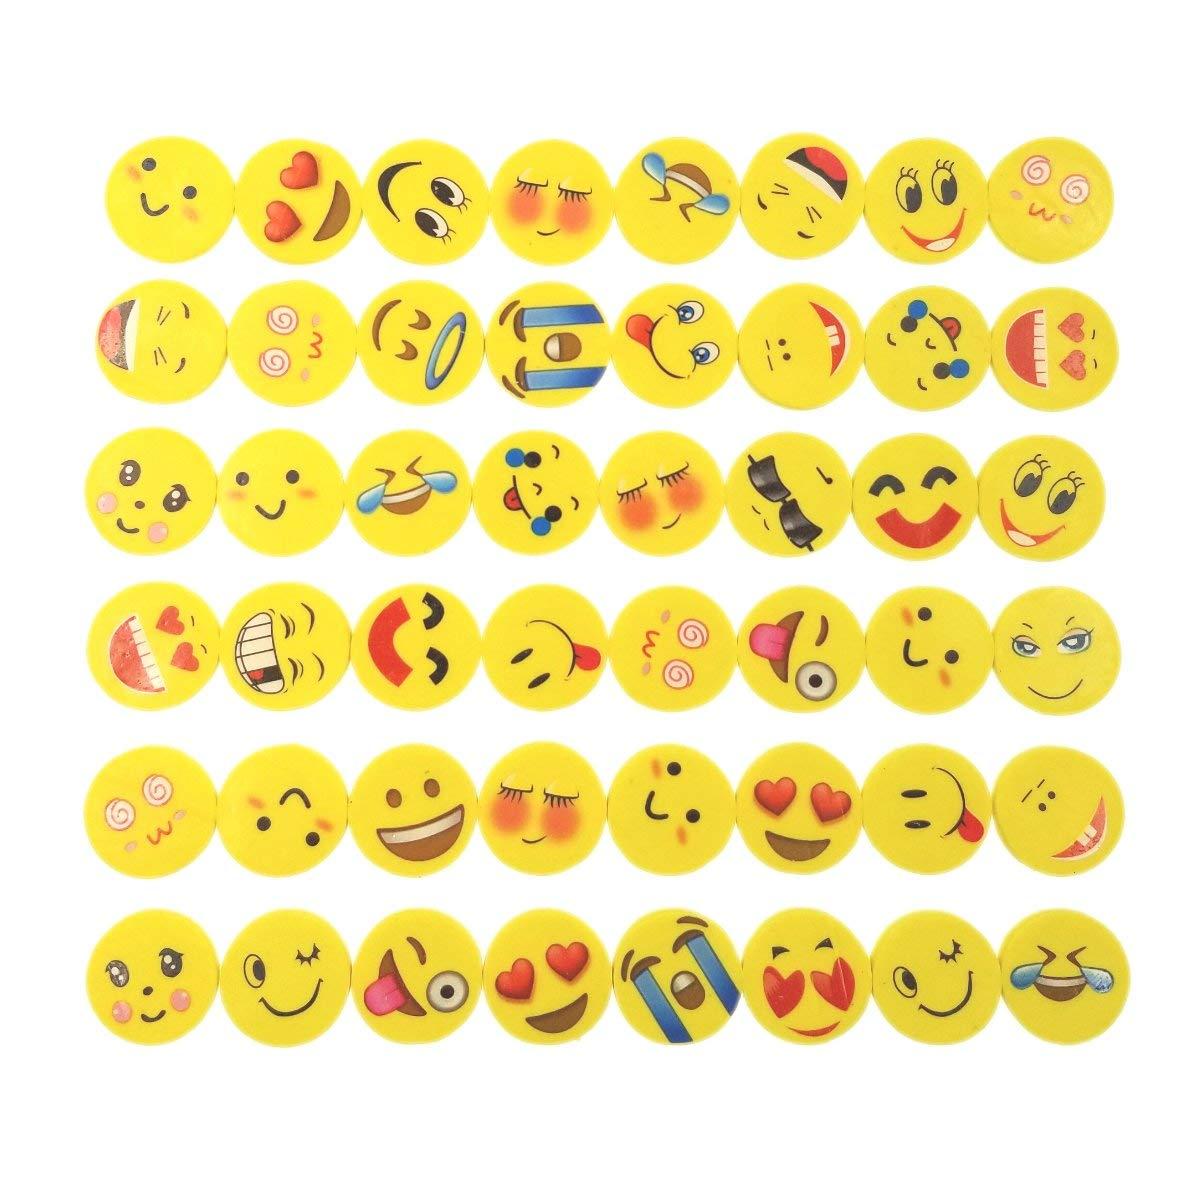 JZK Set von 48 Stücke Emoji Kinder Radiergummi Smiley Radierer ...